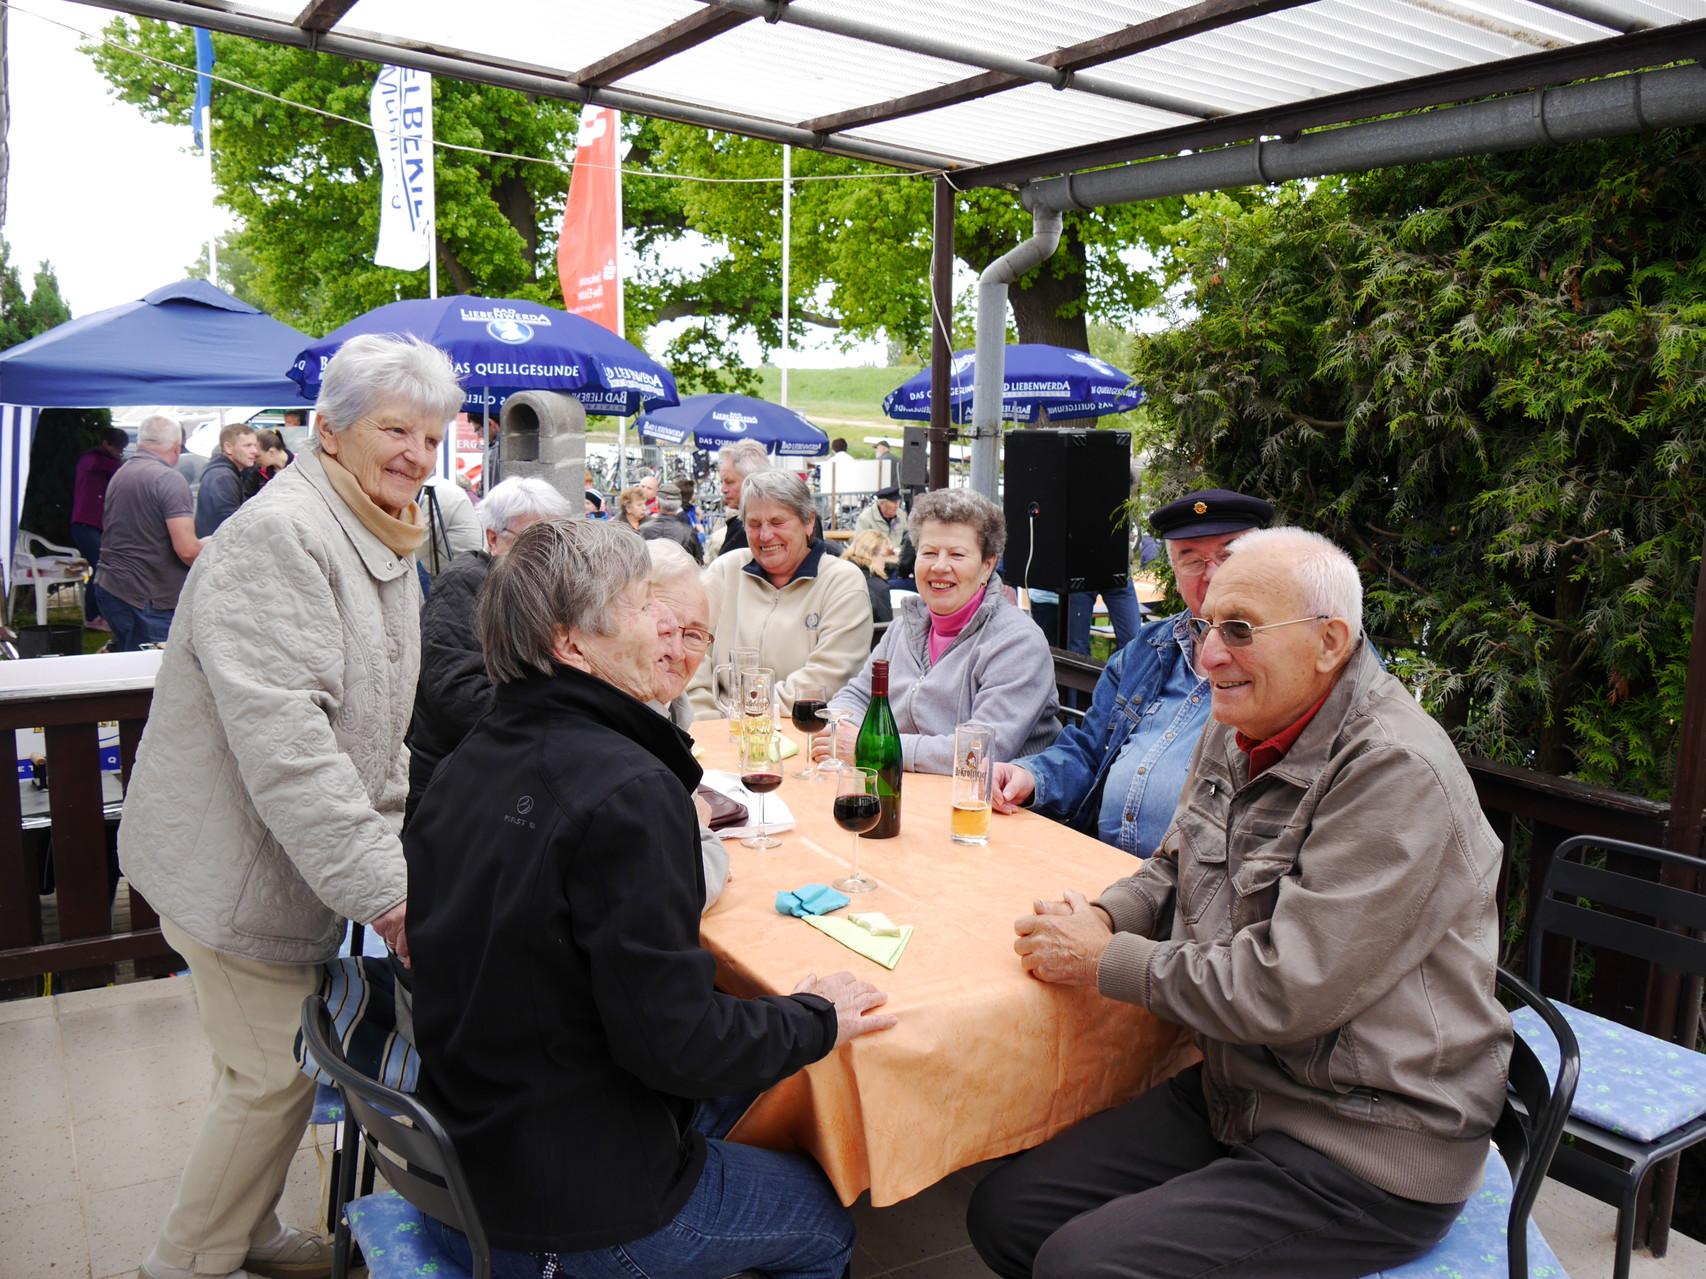 An diesem Tisch ging es sehr gesellig zu. Unsere treuen Besucher kommen regelmäßig zum An- und Abrudern und lassen es sich gut schmecken.